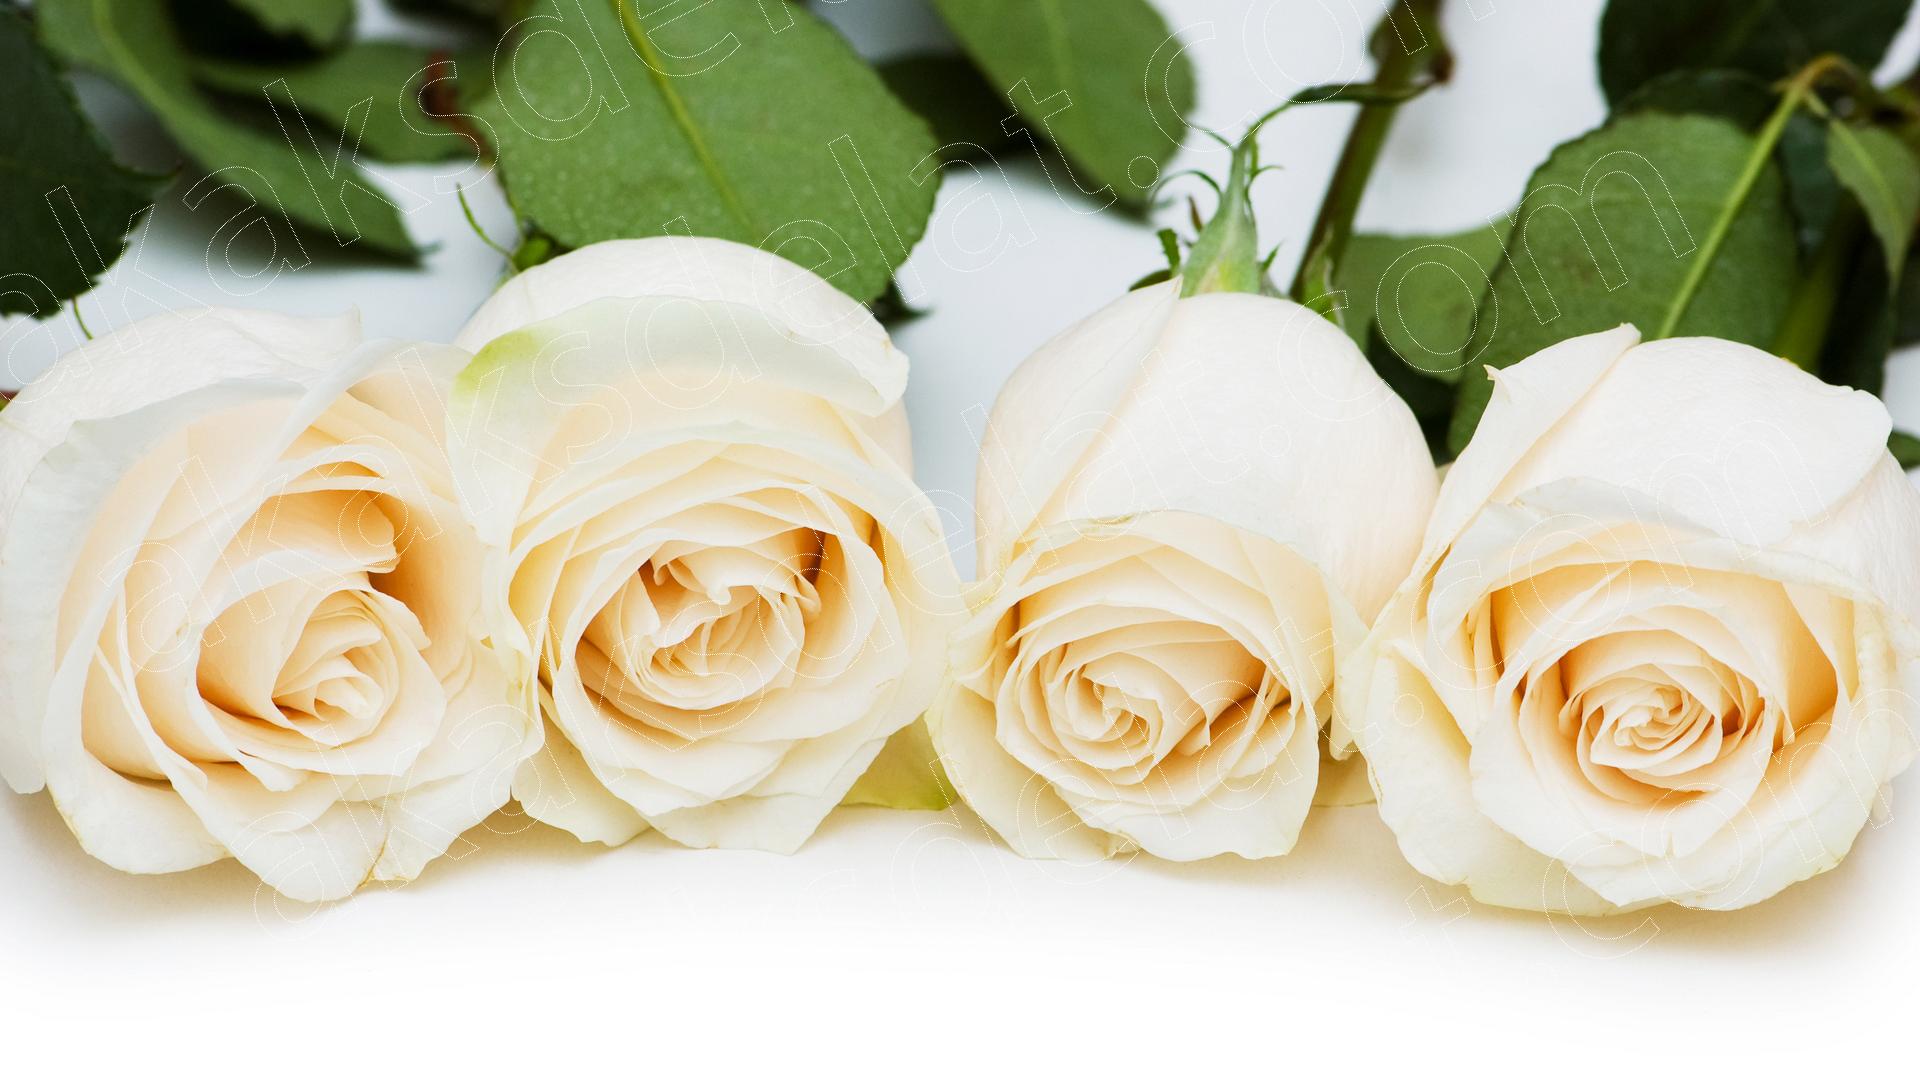 Как сделать разноцветную розу - разноцветные розы букет с разноцветными листьями фото